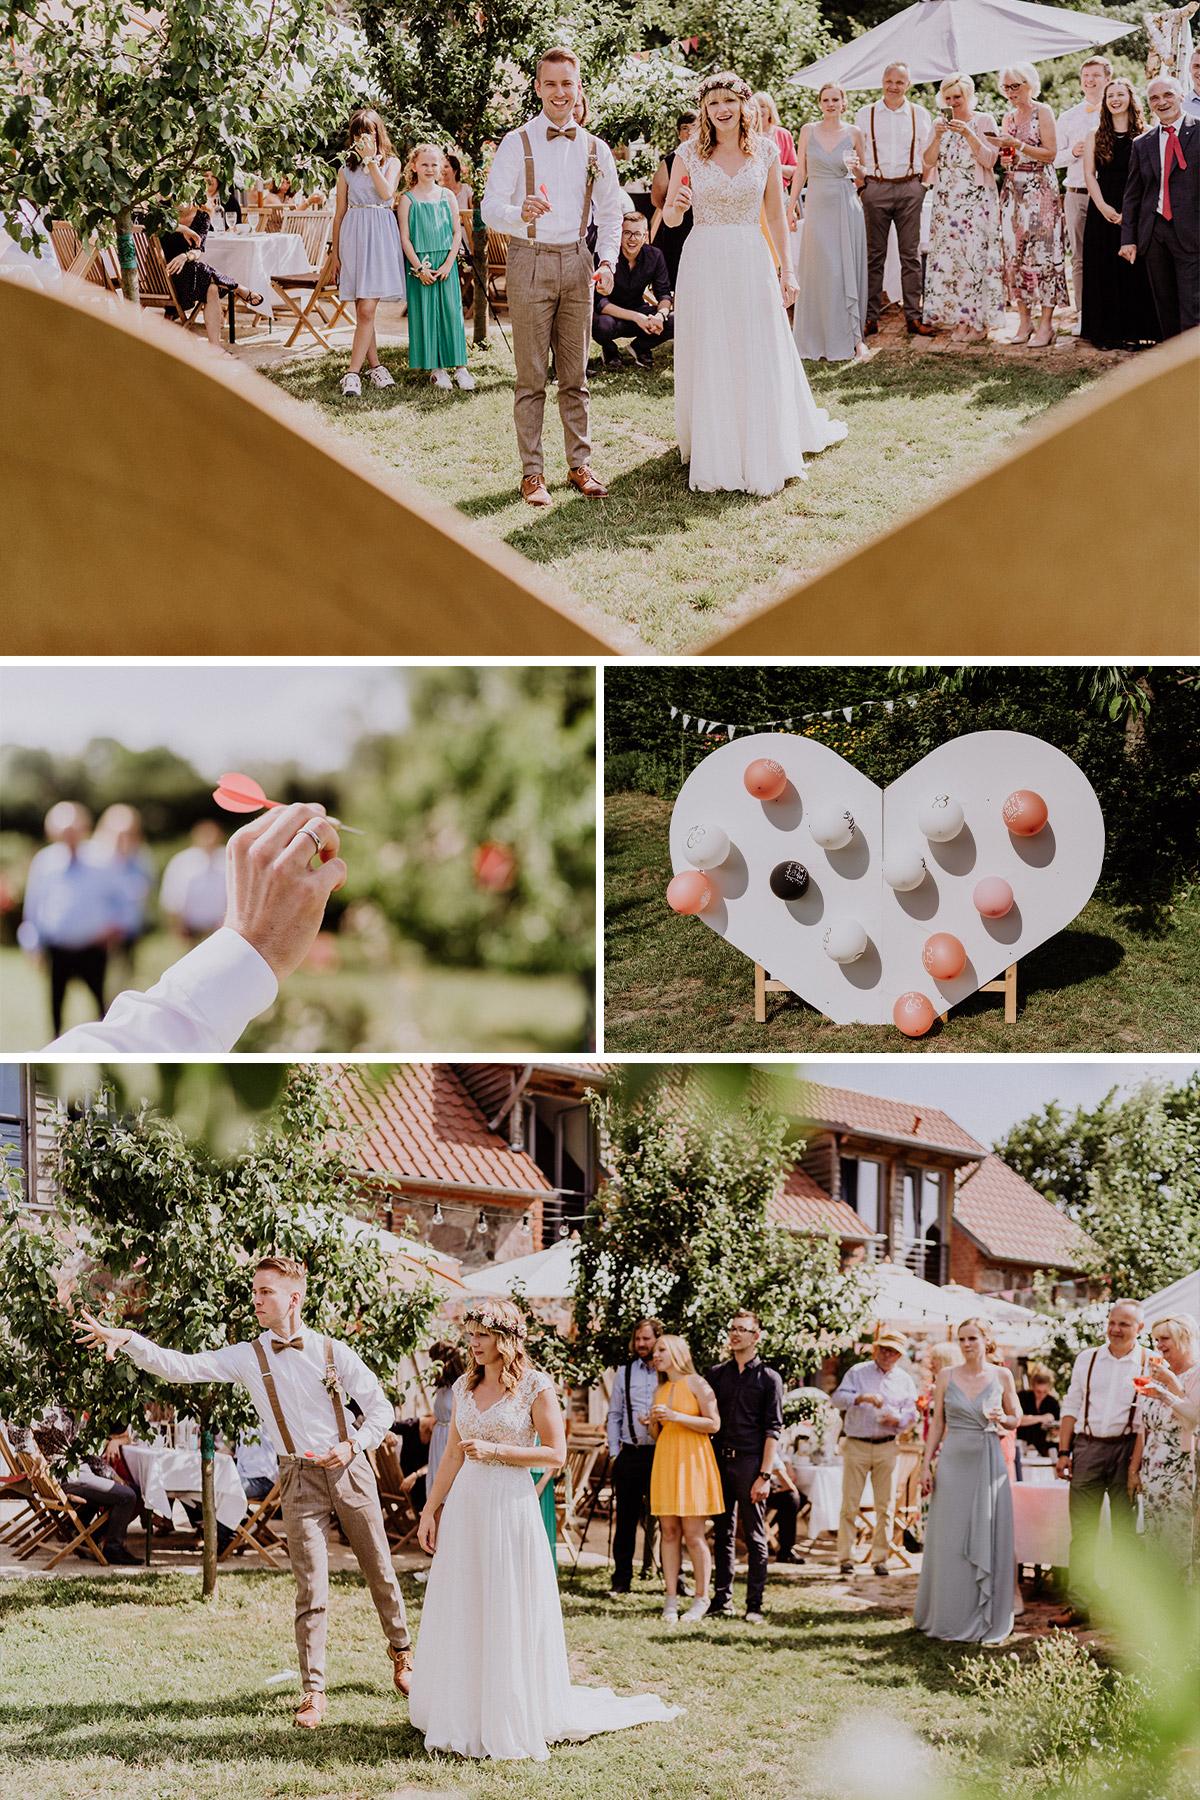 Hochzeit Ideen zur Unterhaltung Gäste auf Hochzeitsfeier; Gastgeschenk ausgefallen an das Brautpaar: DIY Herz mit Luftballons und Pfeilen; Programm Hochzeit #hochzeitsspiel #weddinggames